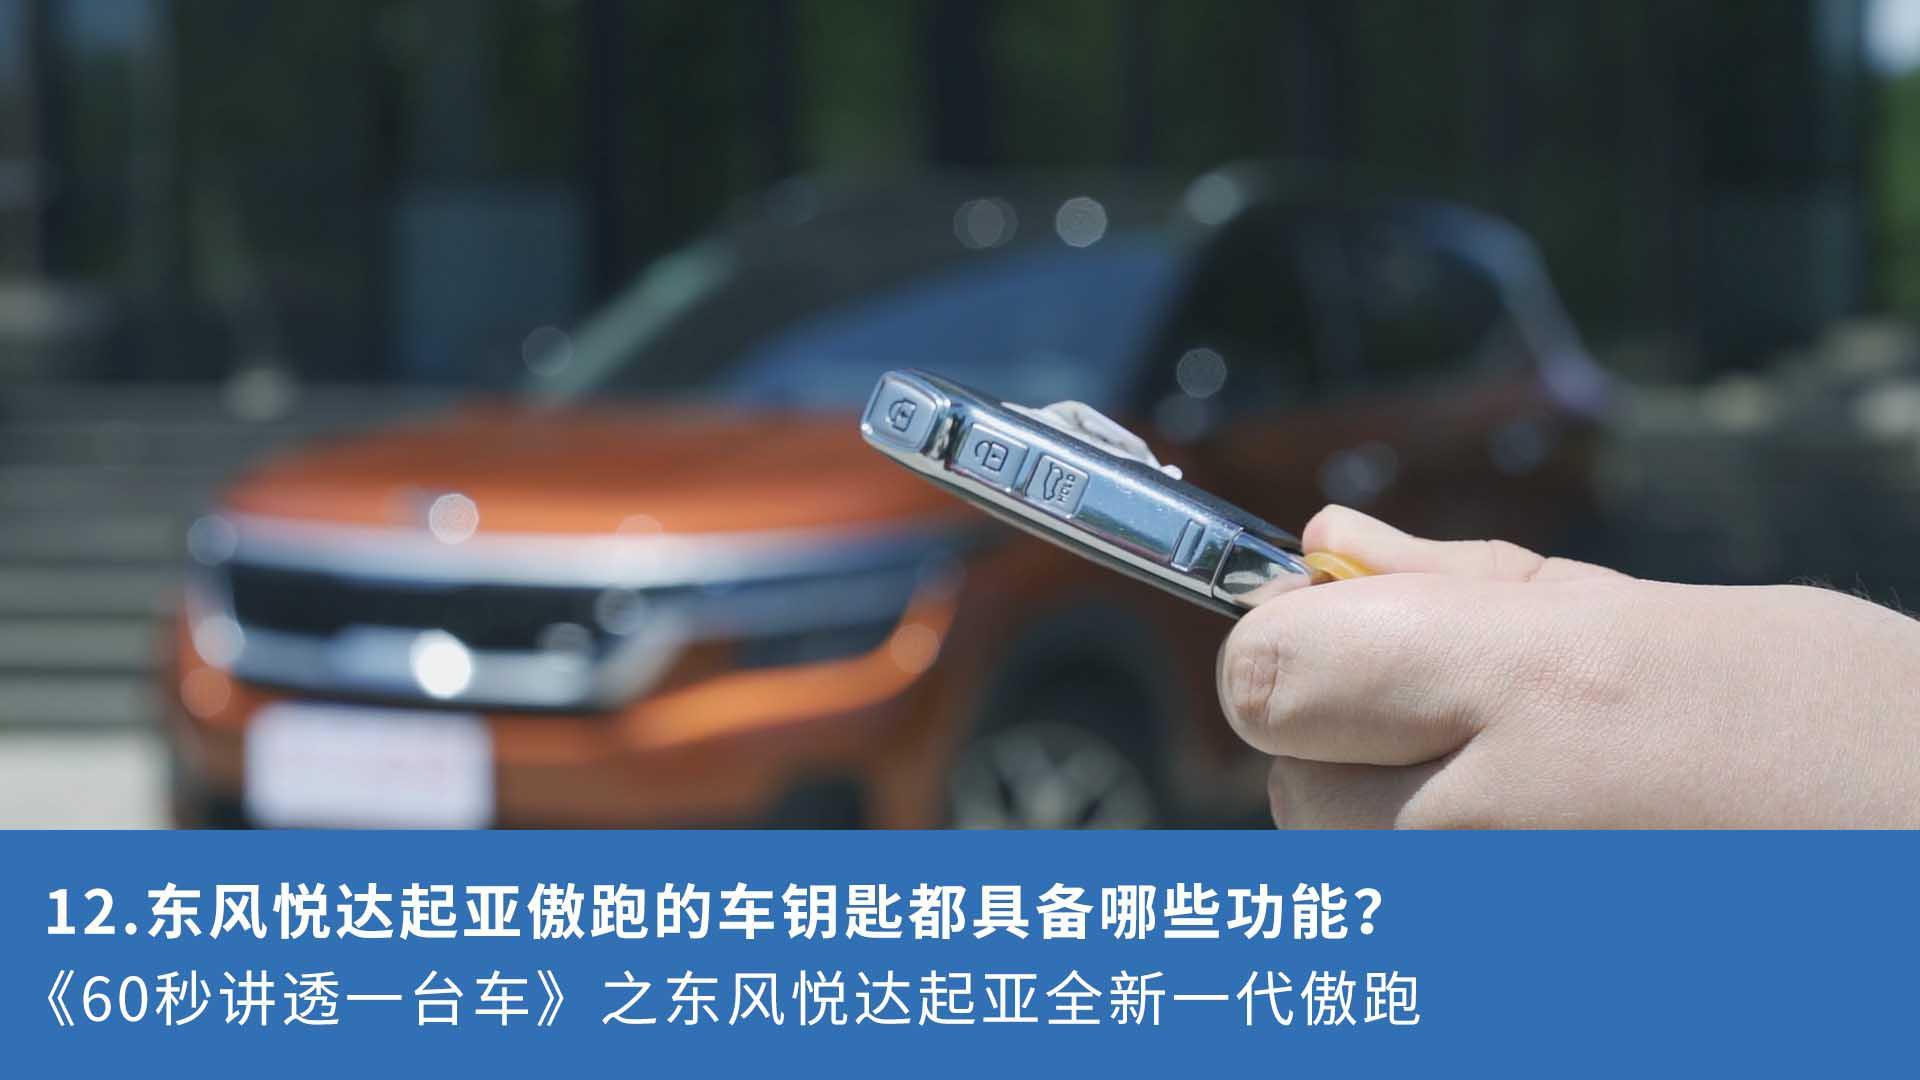 12.全新一代傲跑的车钥匙都具备哪些功能?